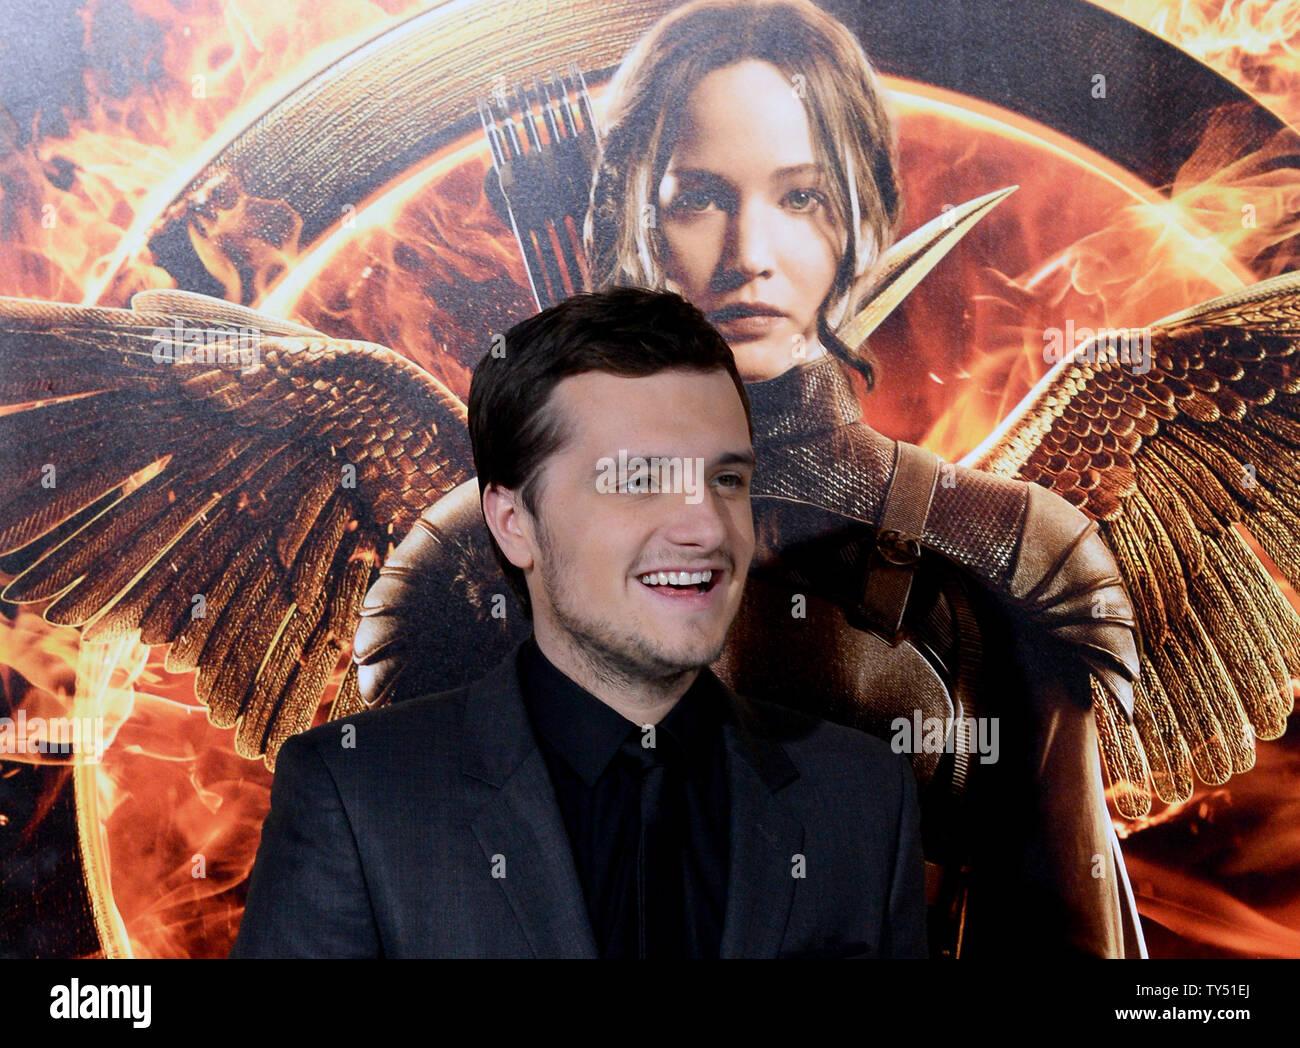 Actor Josh Hutcherson Attends The Premiere Of The Sci Fi Motion